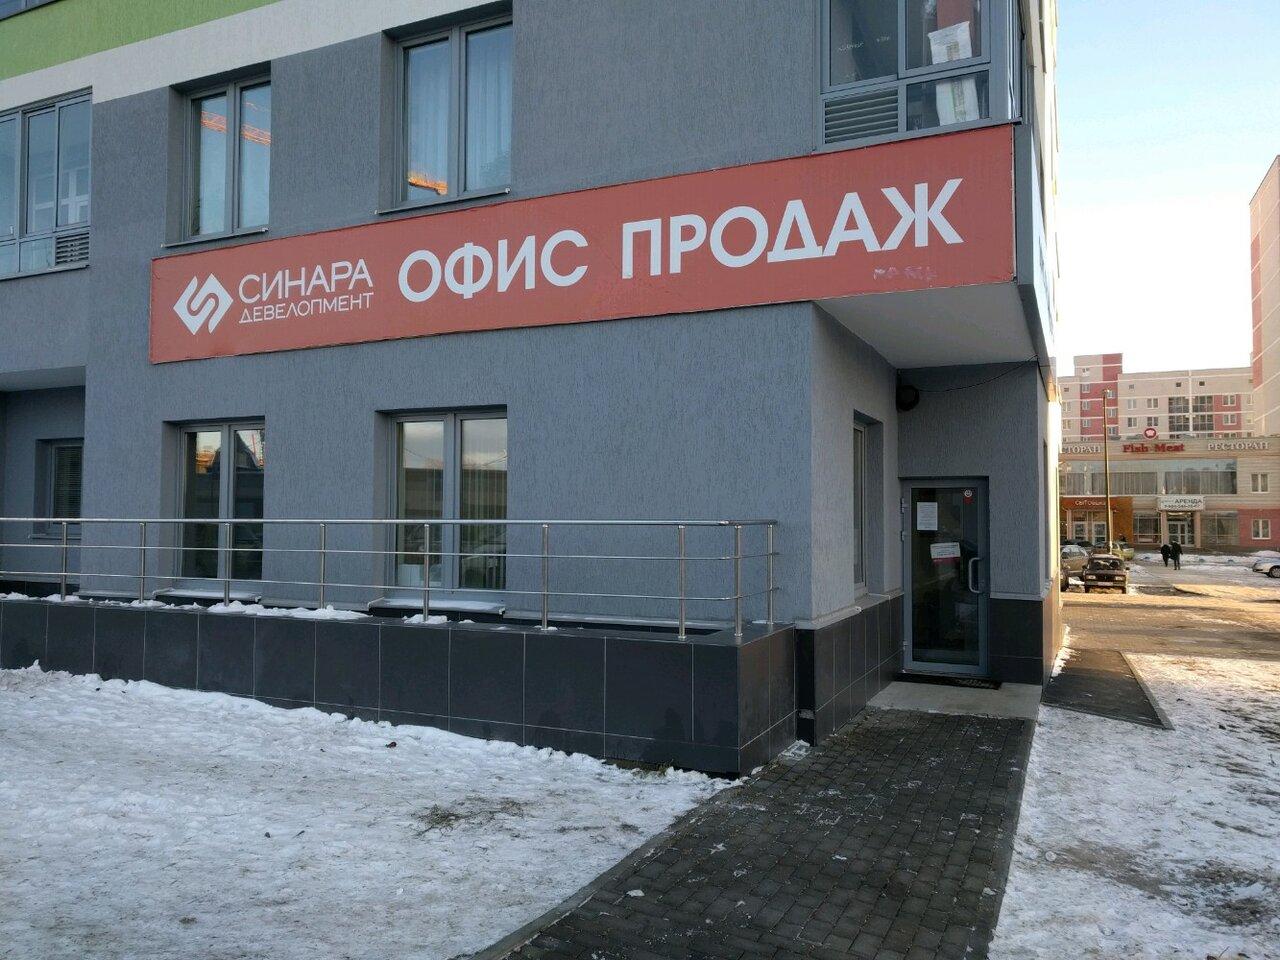 Синара строительная компания екатеринбург официальный сайт продвижение сайтов imedia